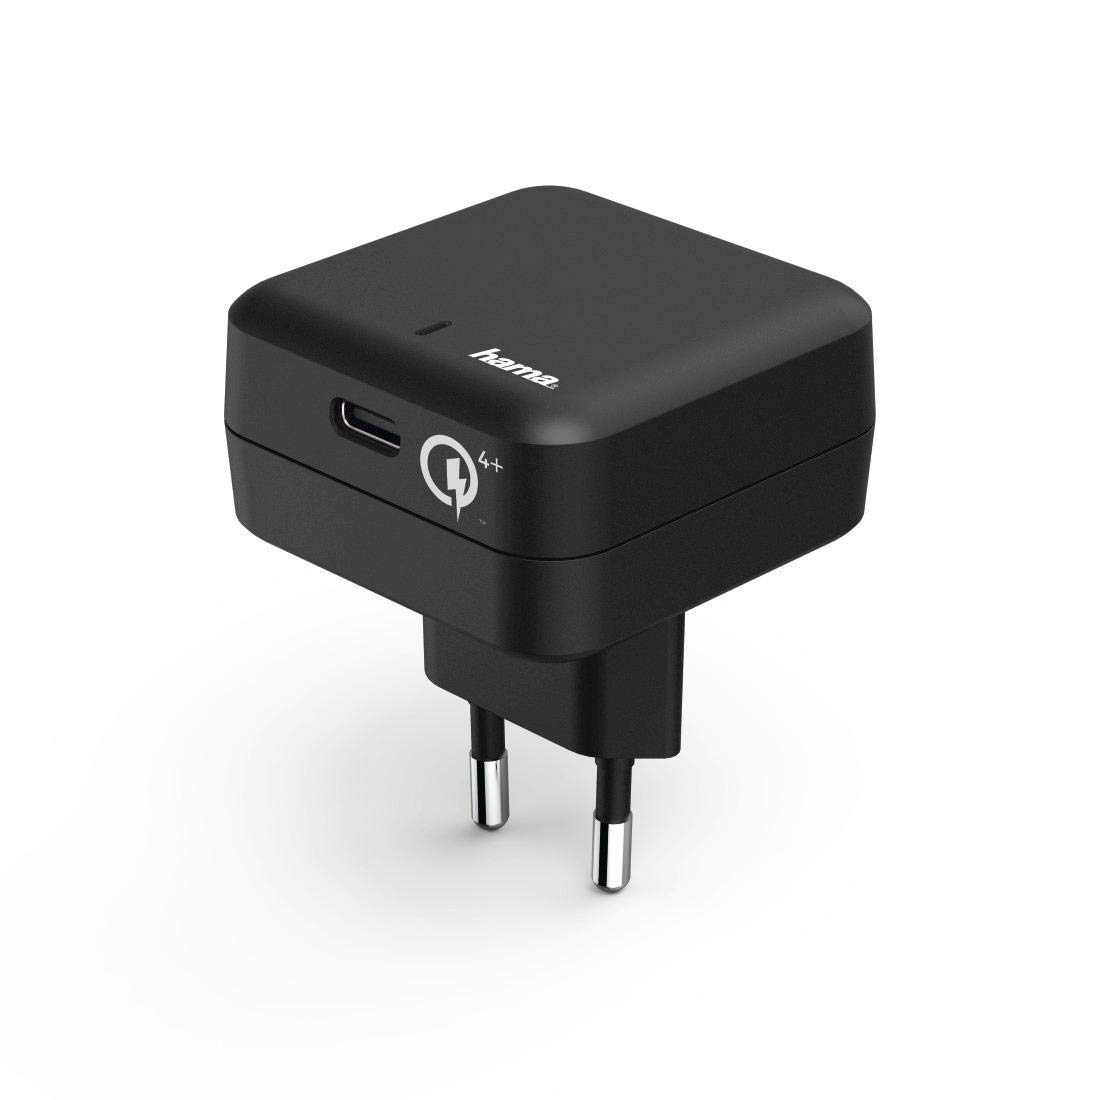 Hama Cargador rápido USB-C, Carga rápida Qualcomm 4+ (Compatible con Smartphone, móvil, Tablet, Ordenador portátil, Consola) Cargador de Corriente ...